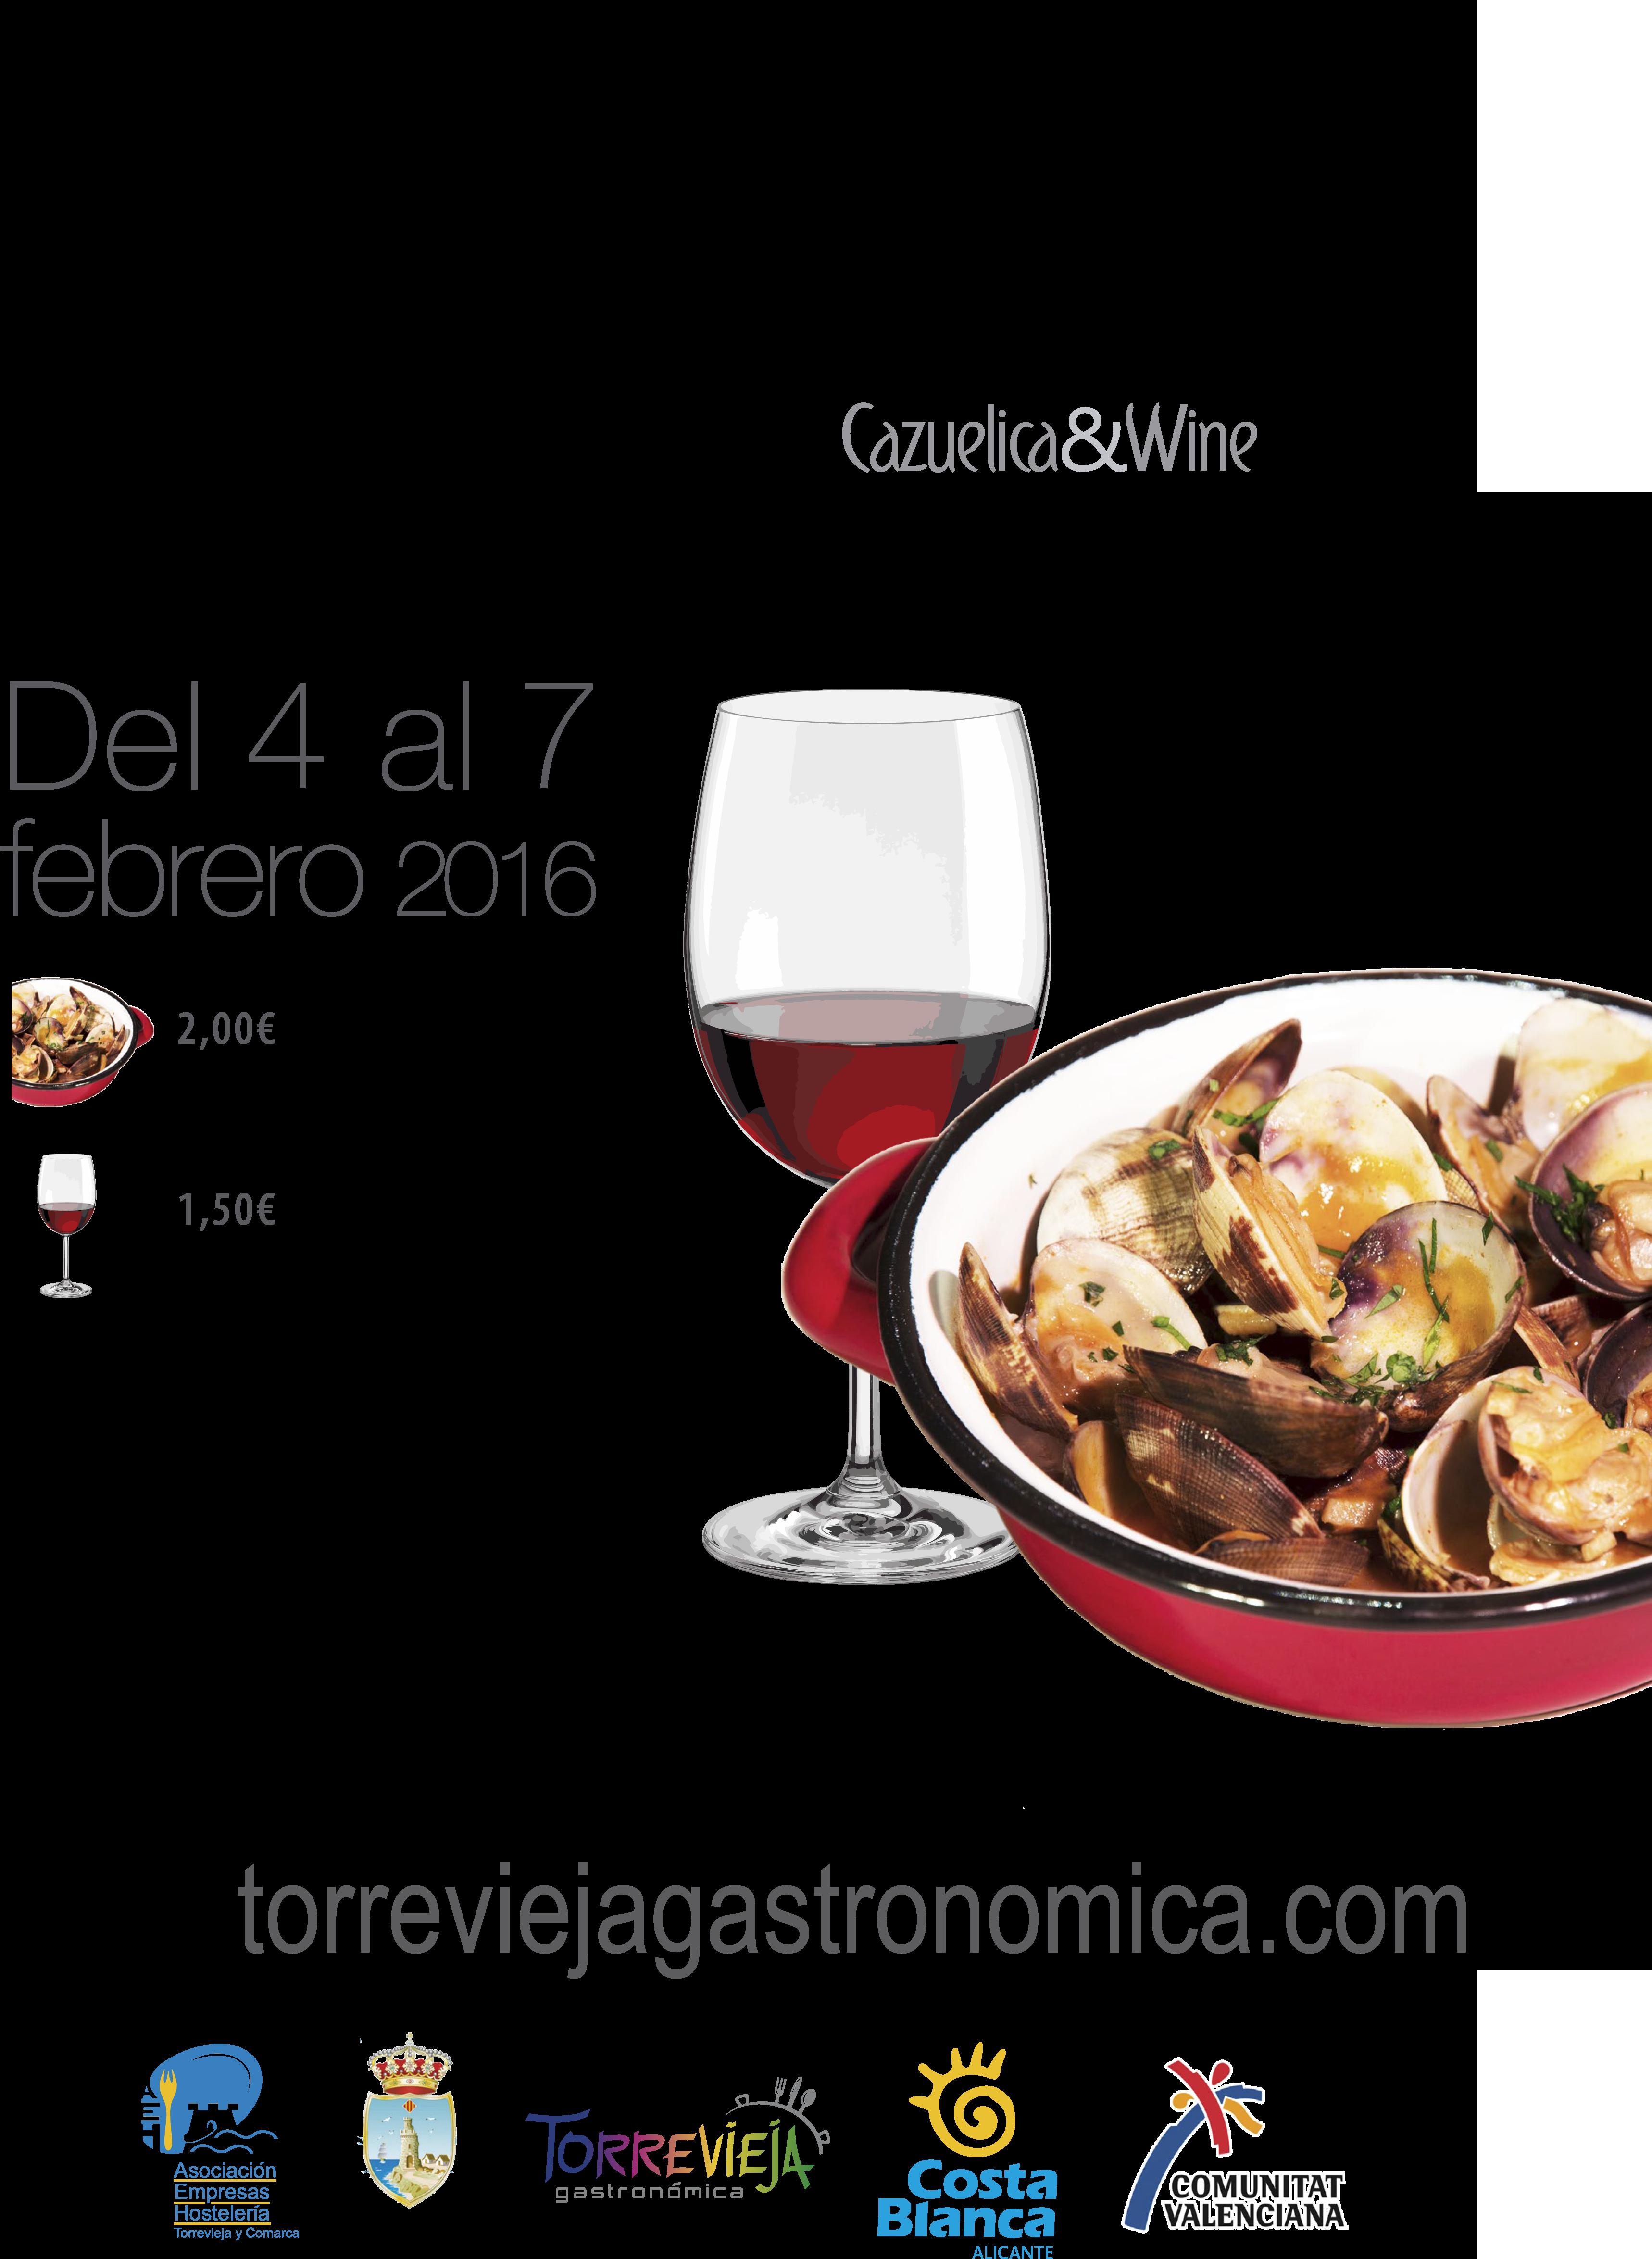 CARTEL CAZUELA Y VINO 2016